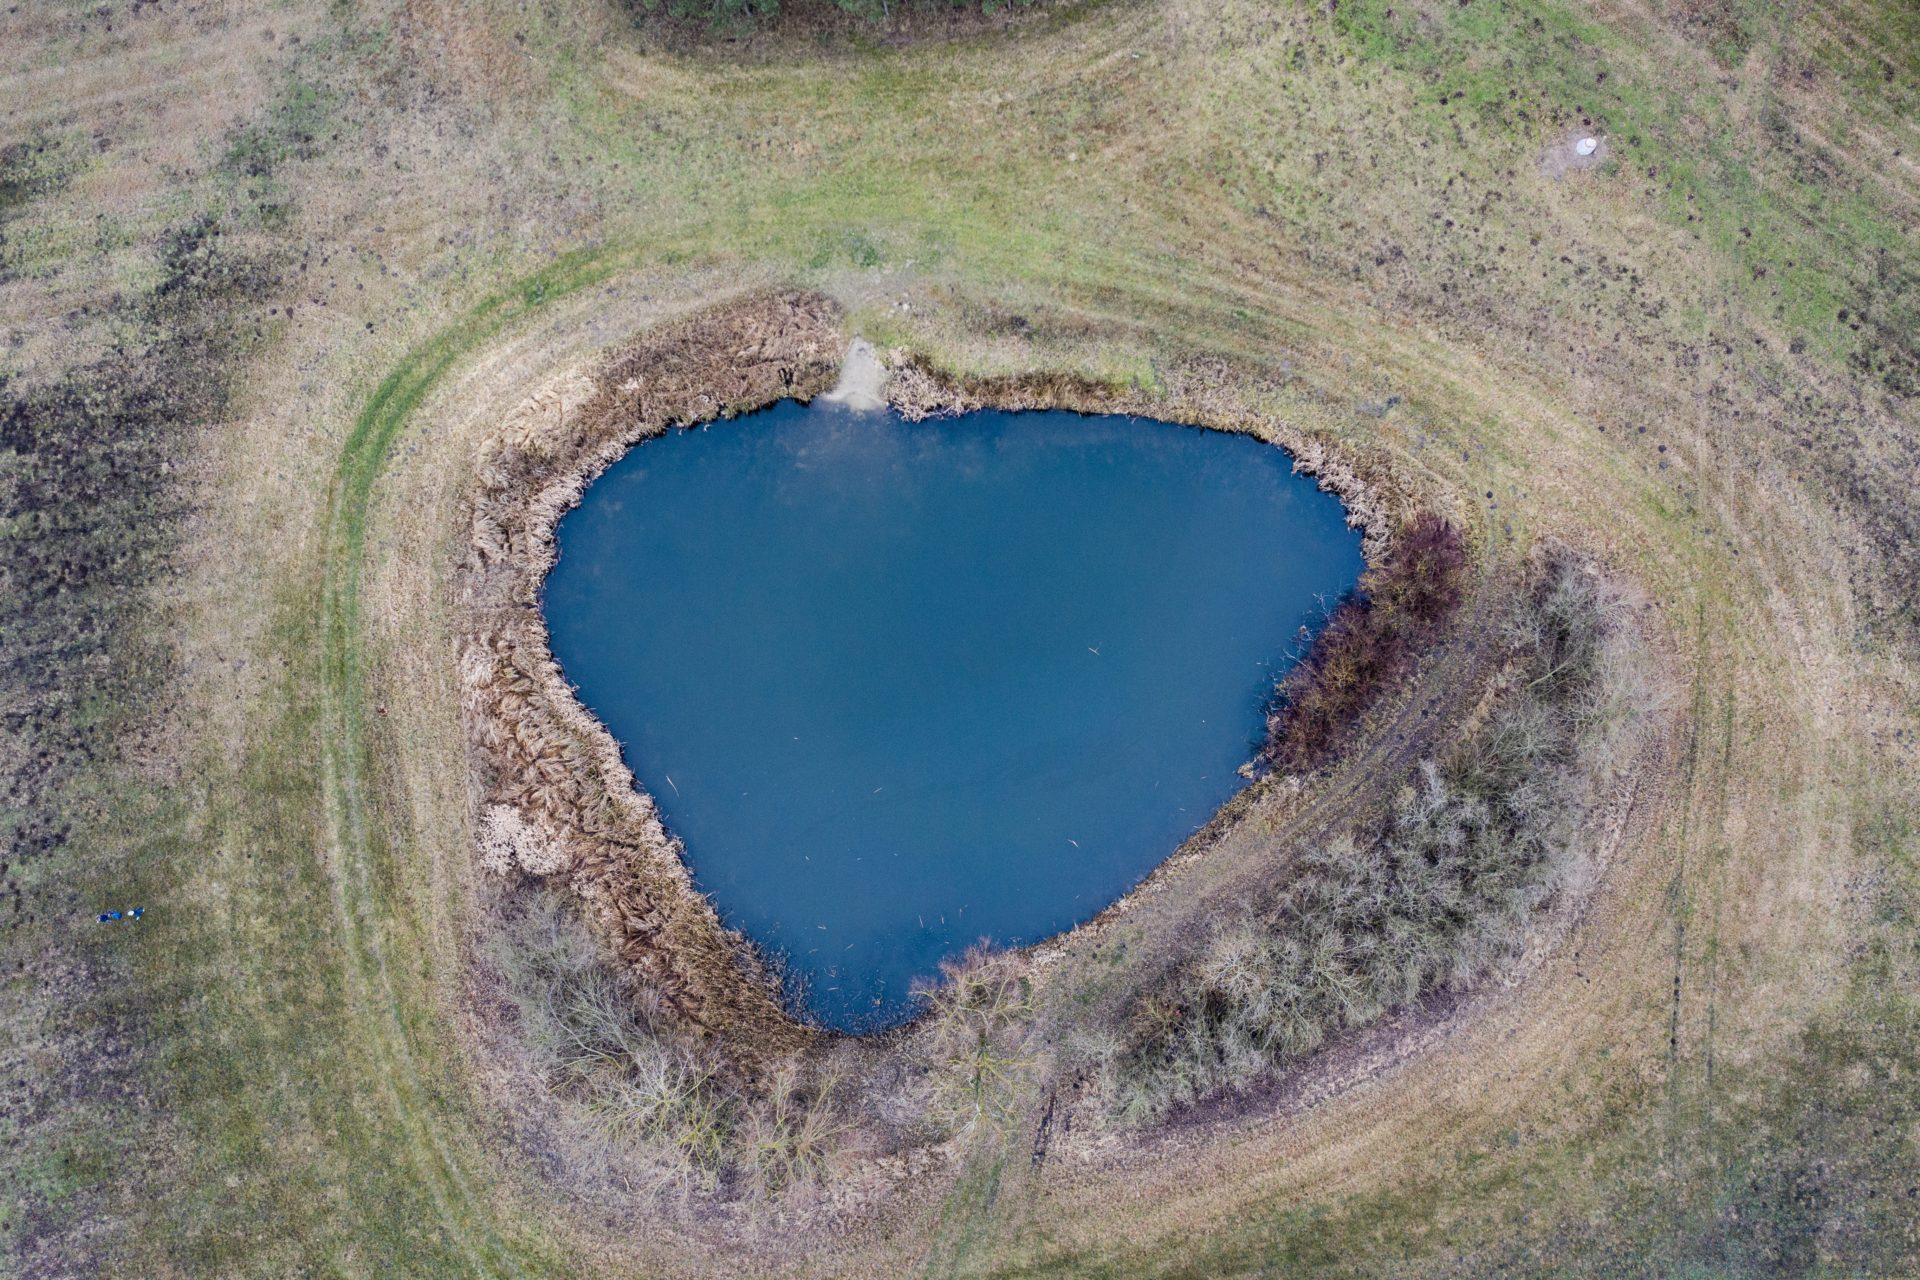 Drohnenaufnahme von herzförmigem See